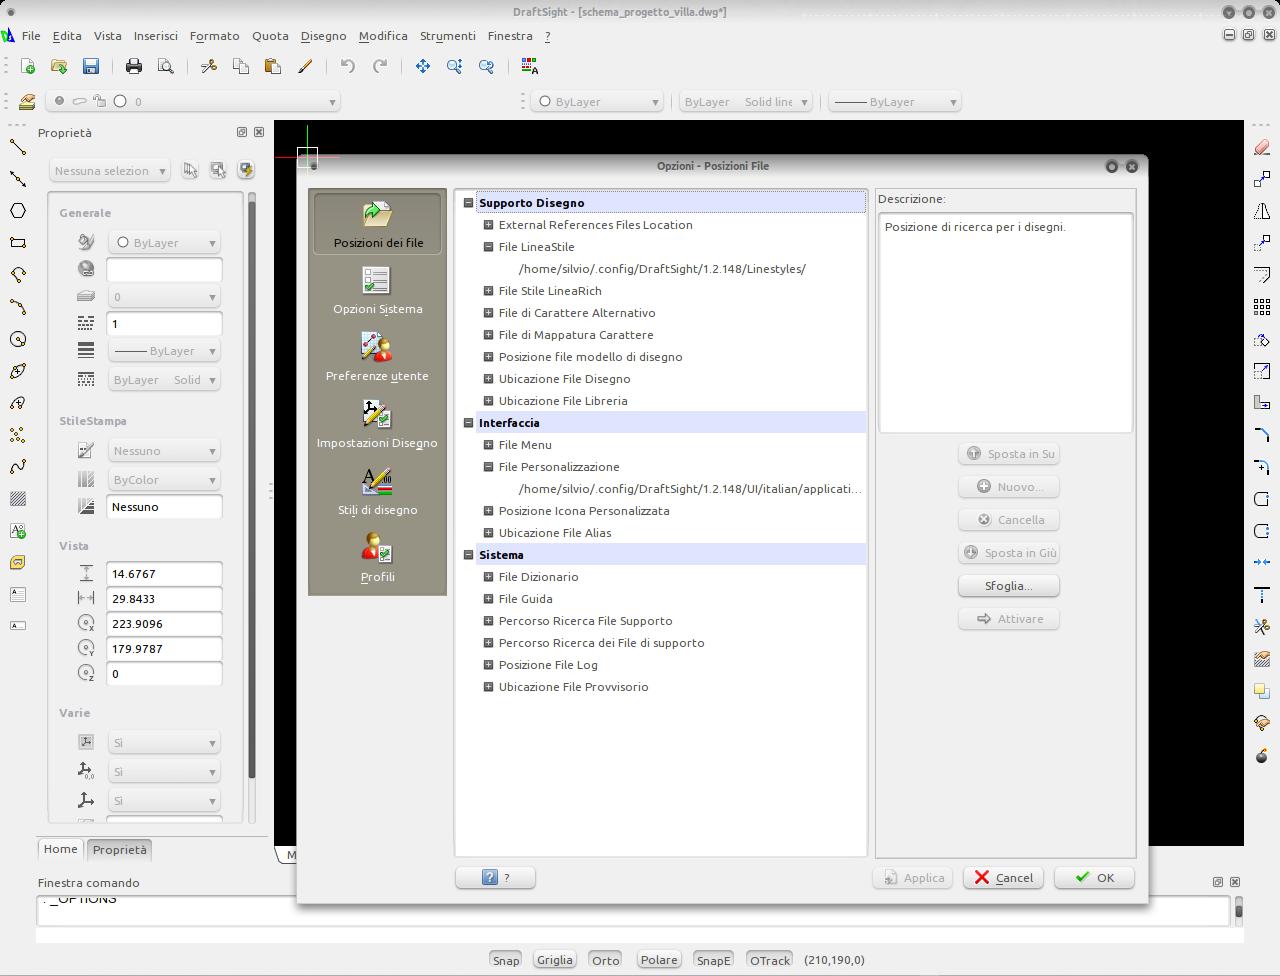 UbuntuBond: DraftSight